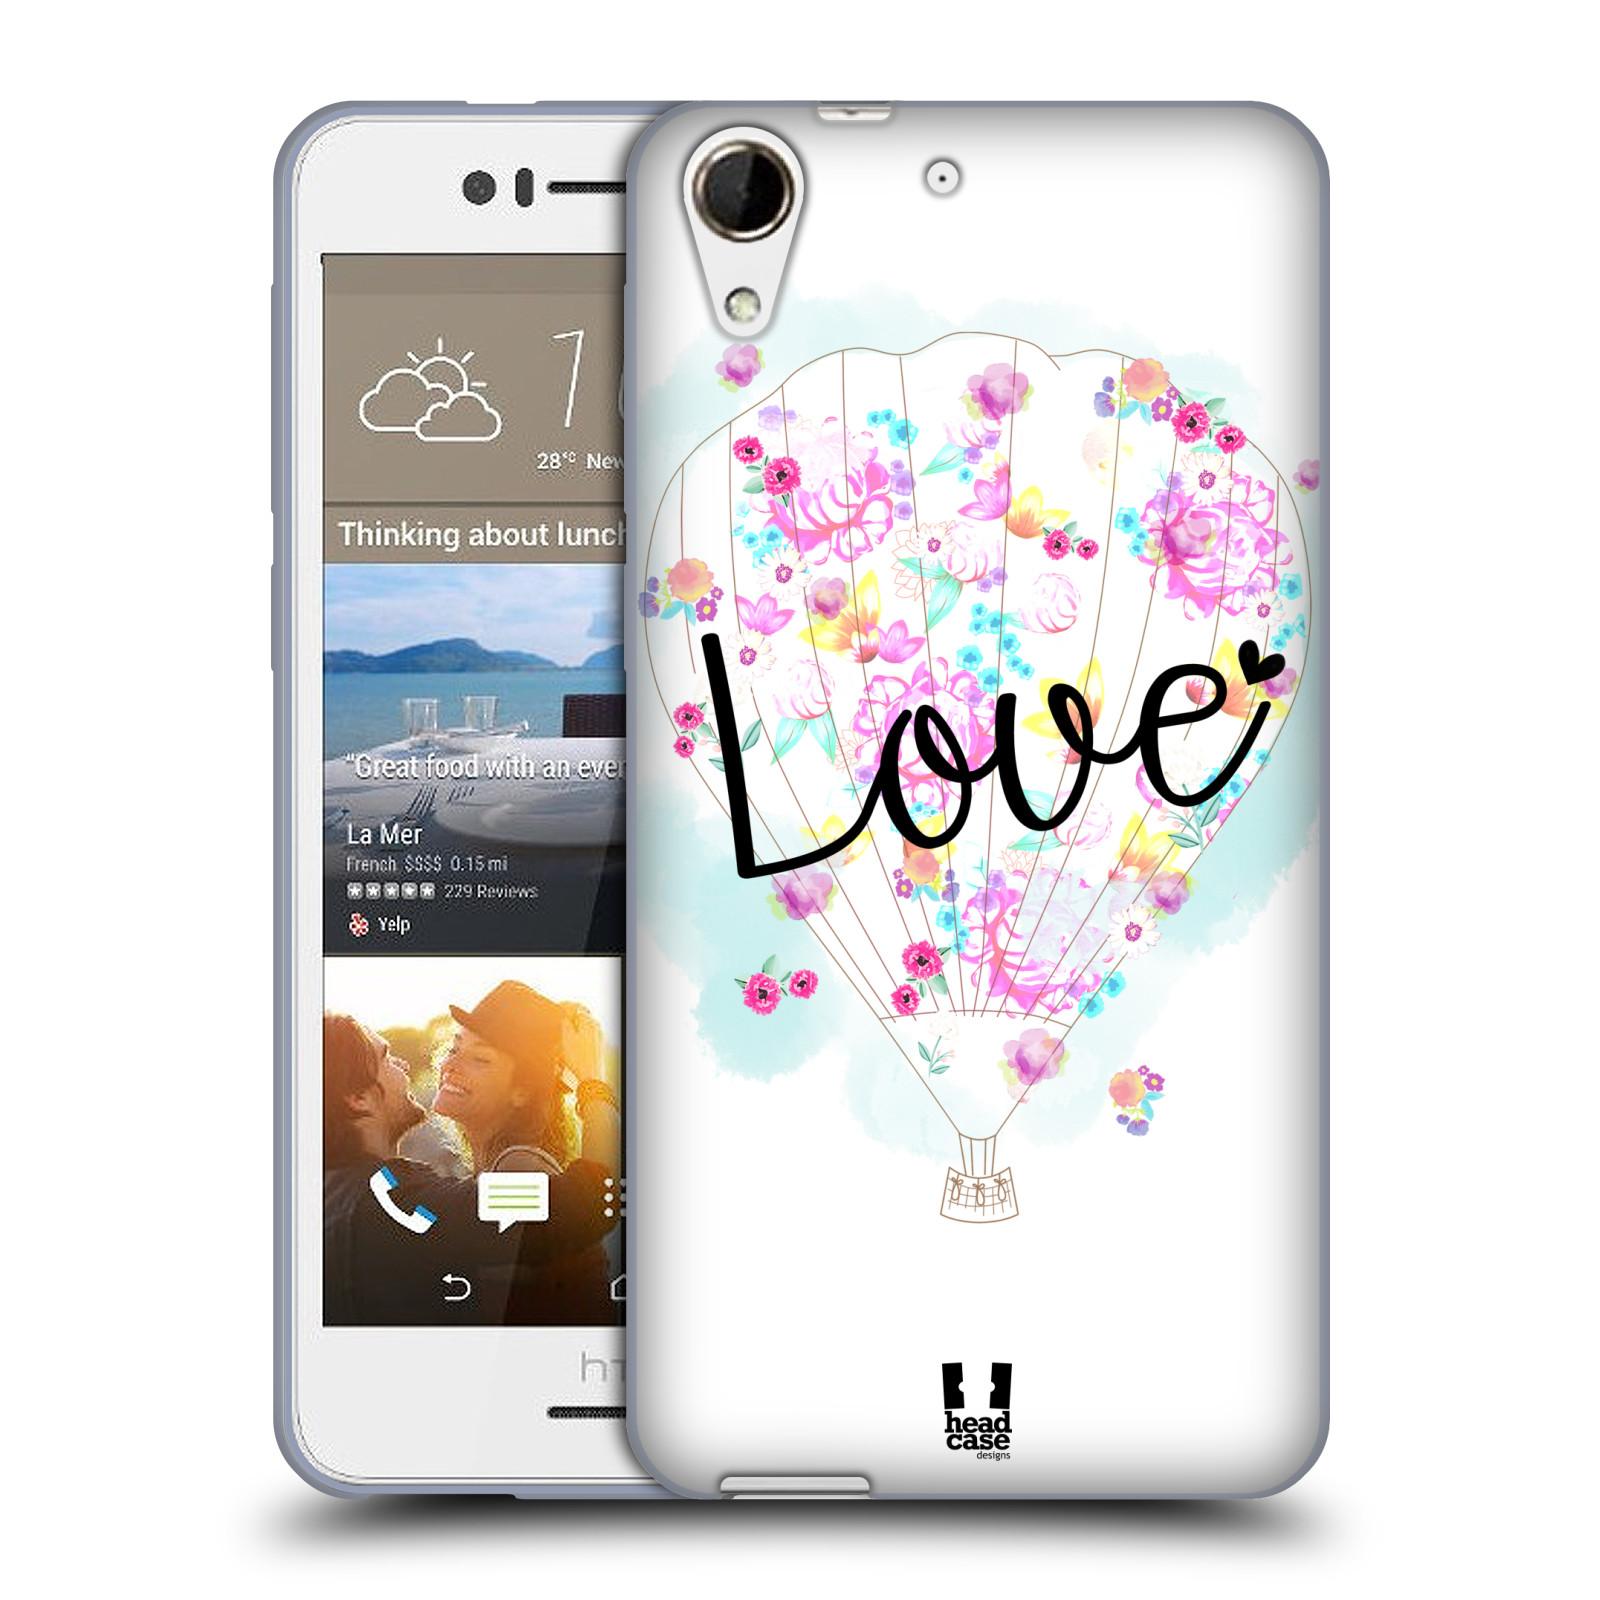 Silikonové pouzdro na mobil HTC Desire 728G Dual SIM HEAD CASE Balón Love (Silikonový kryt či obal na mobilní telefon HTC Desire 728 G Dual SIM)